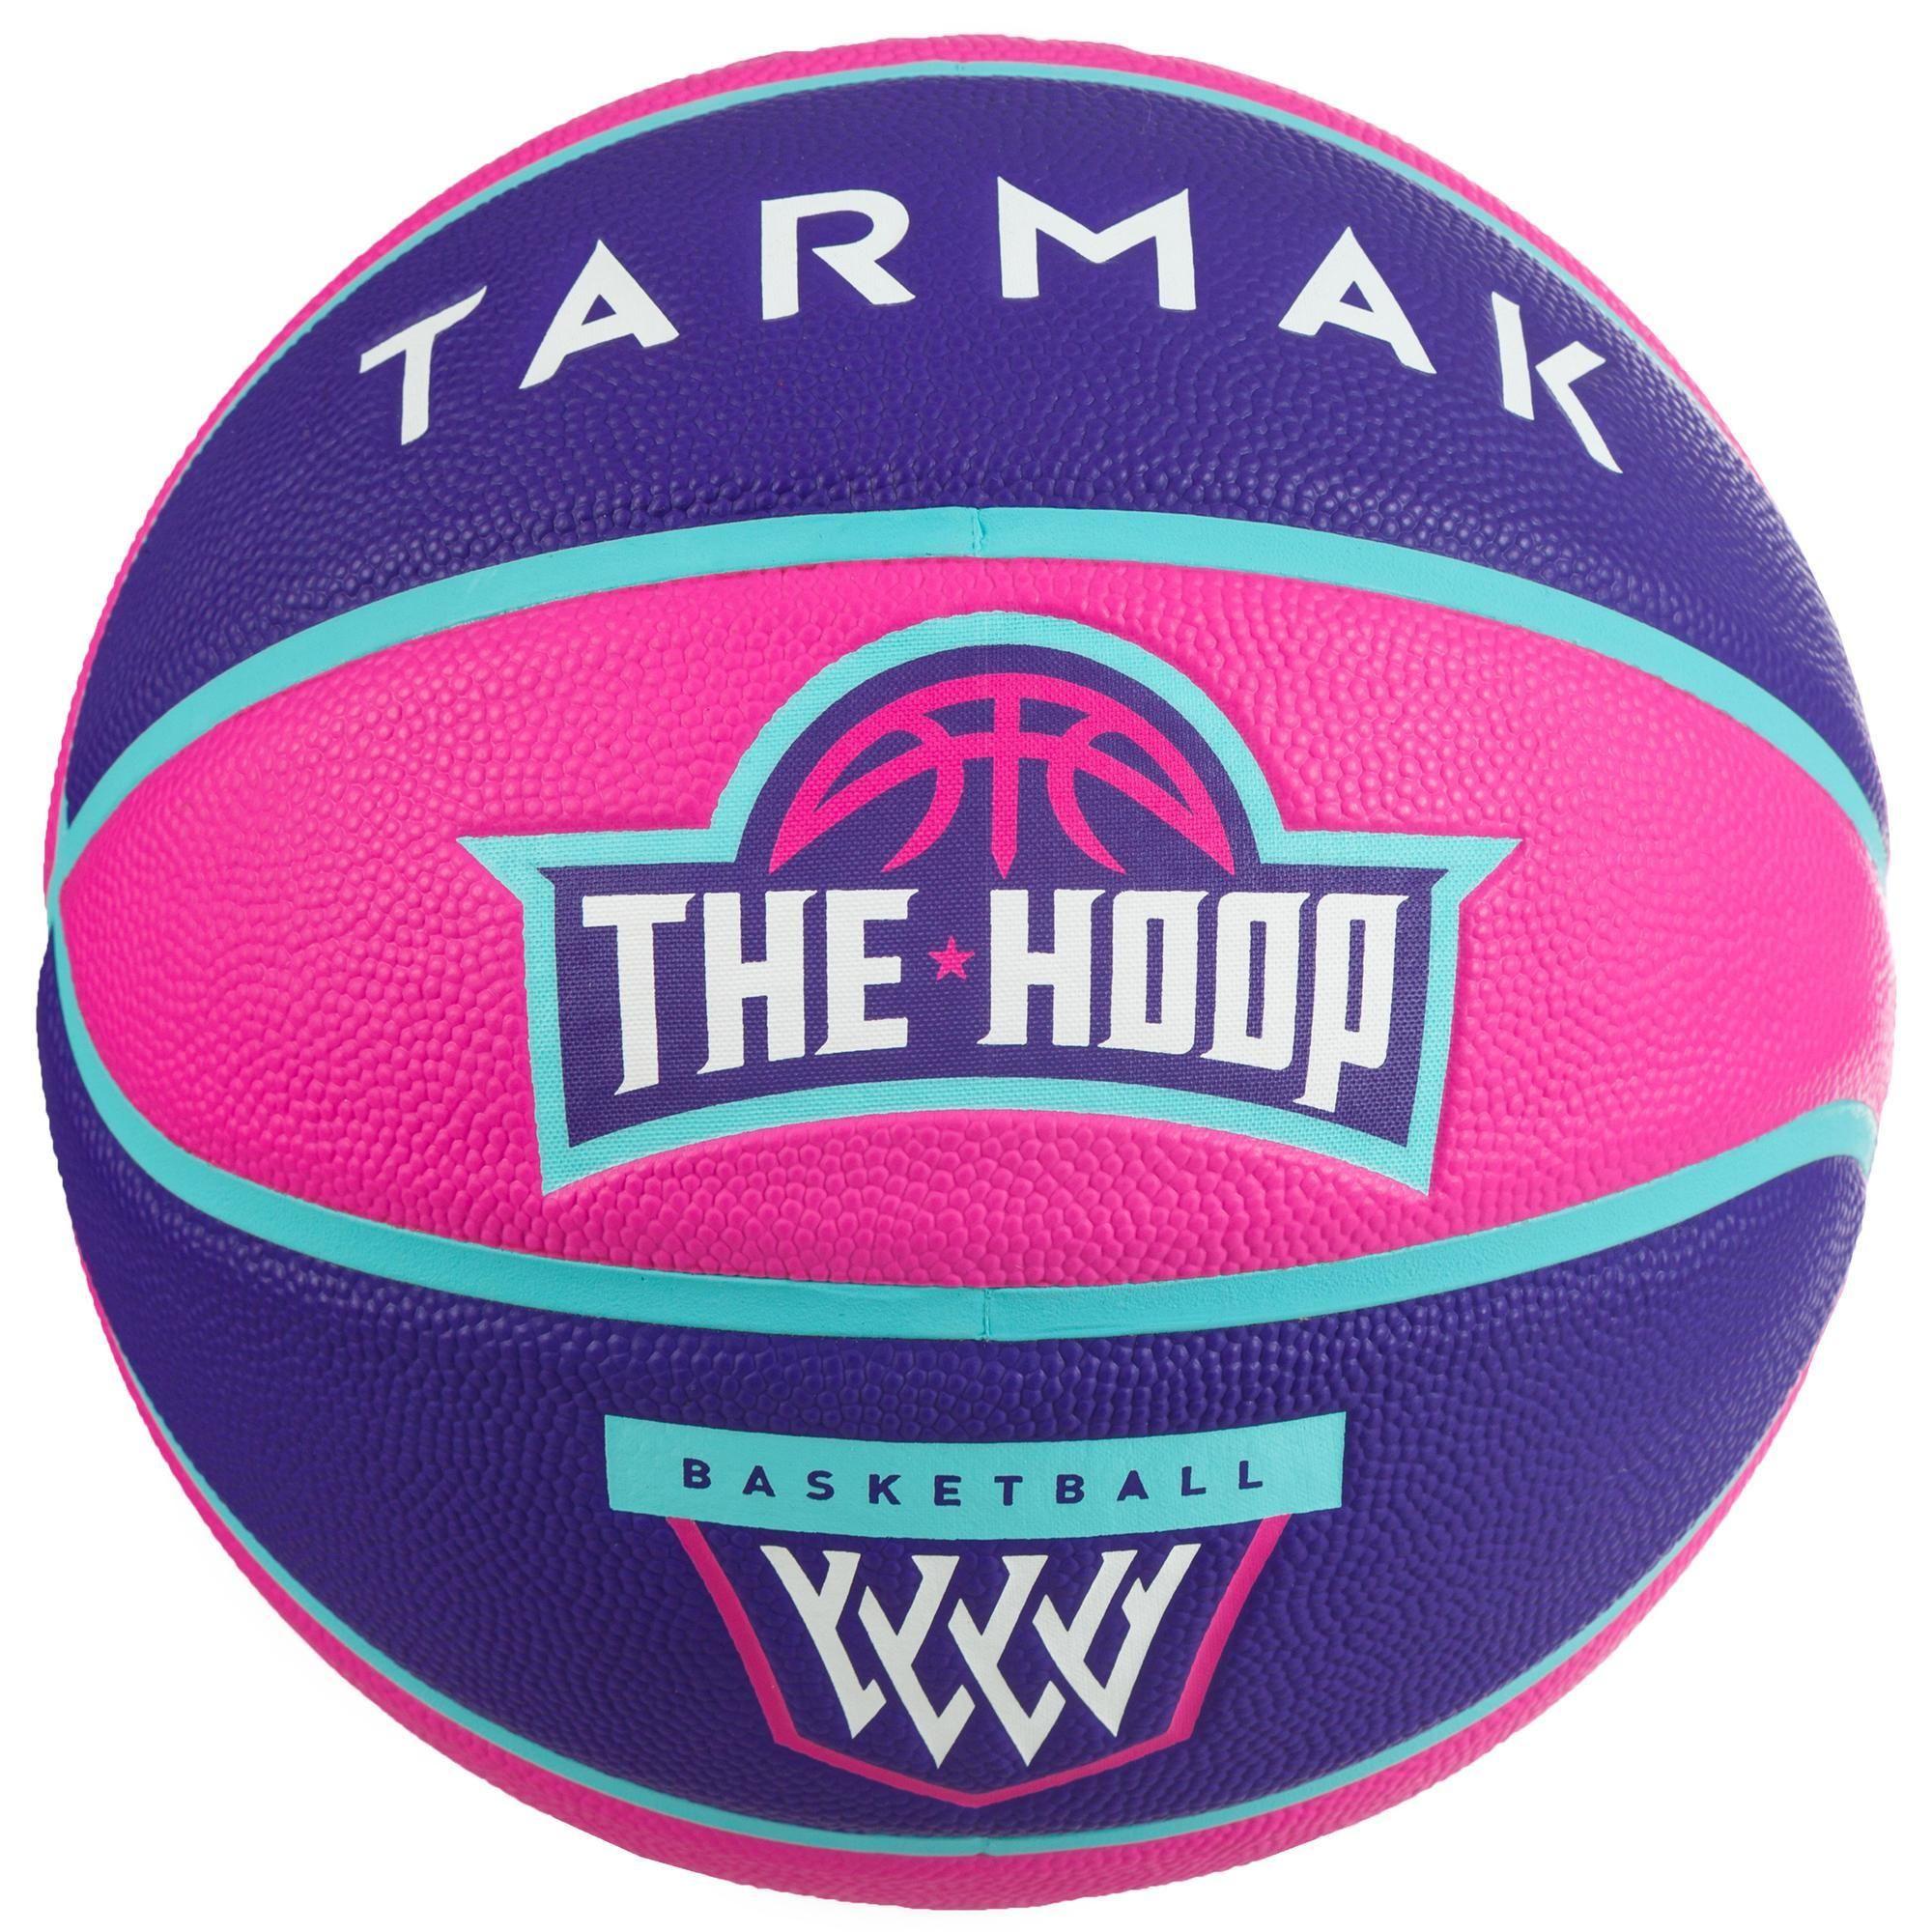 Basketball Ist Eine Sportart Bei Der Es Auf Geschicklichkeit Und Koordination Ankommt Um Kindern De Decathlon Tarmak Kinder Feuerwehr Kinder Basketball